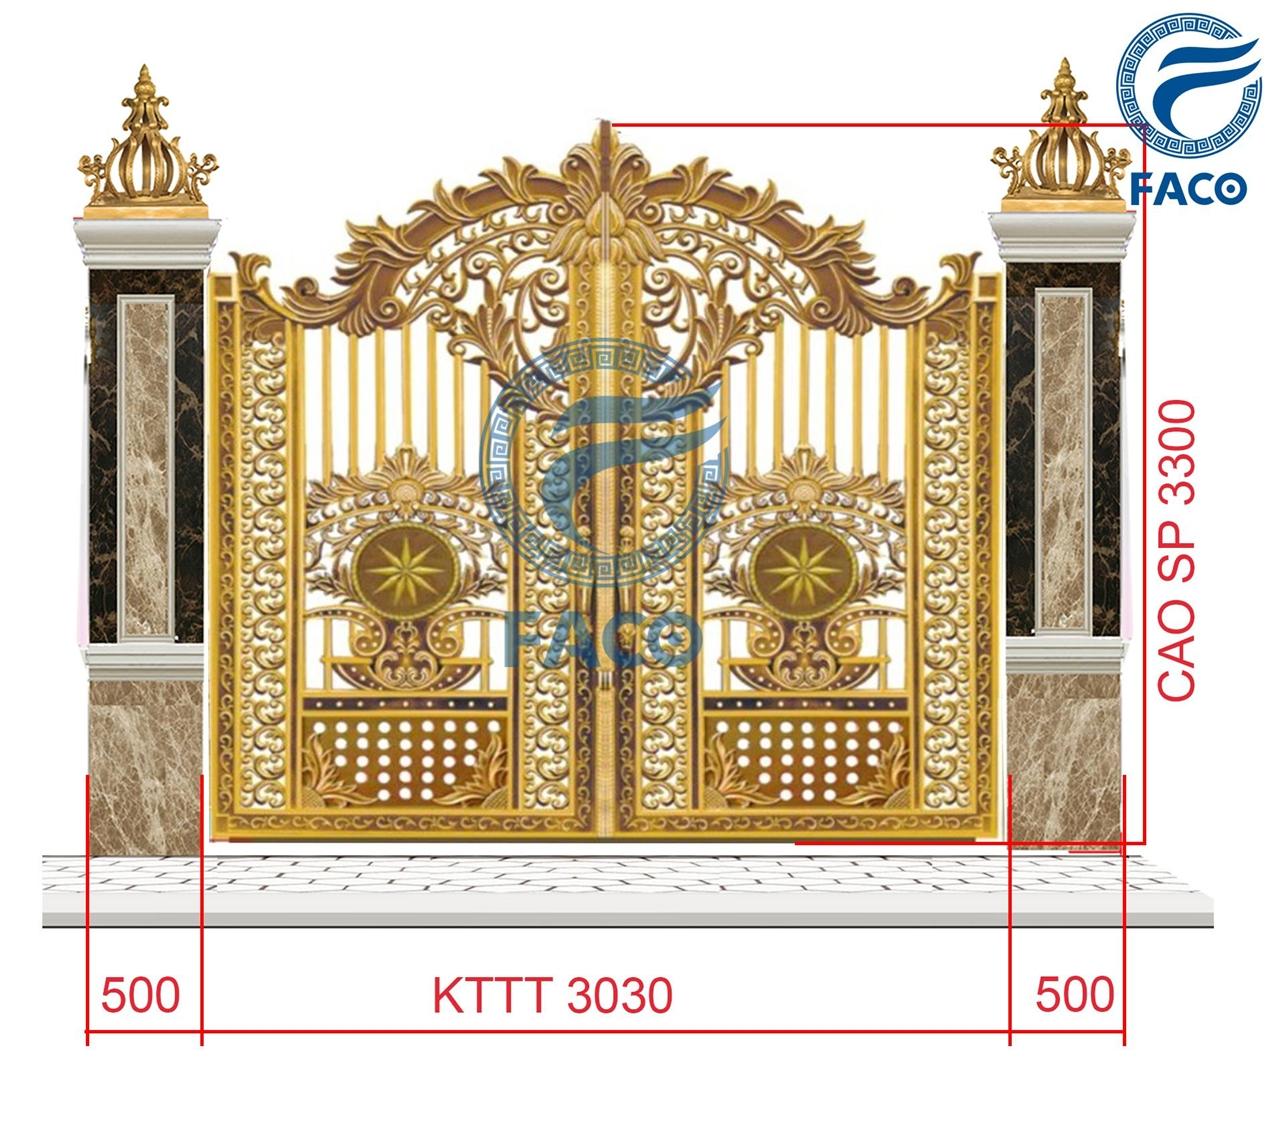 Bộ cổng biệt thự nhôm đúc hoa lá tây thoáng FaCo-17 KT-3030x3300